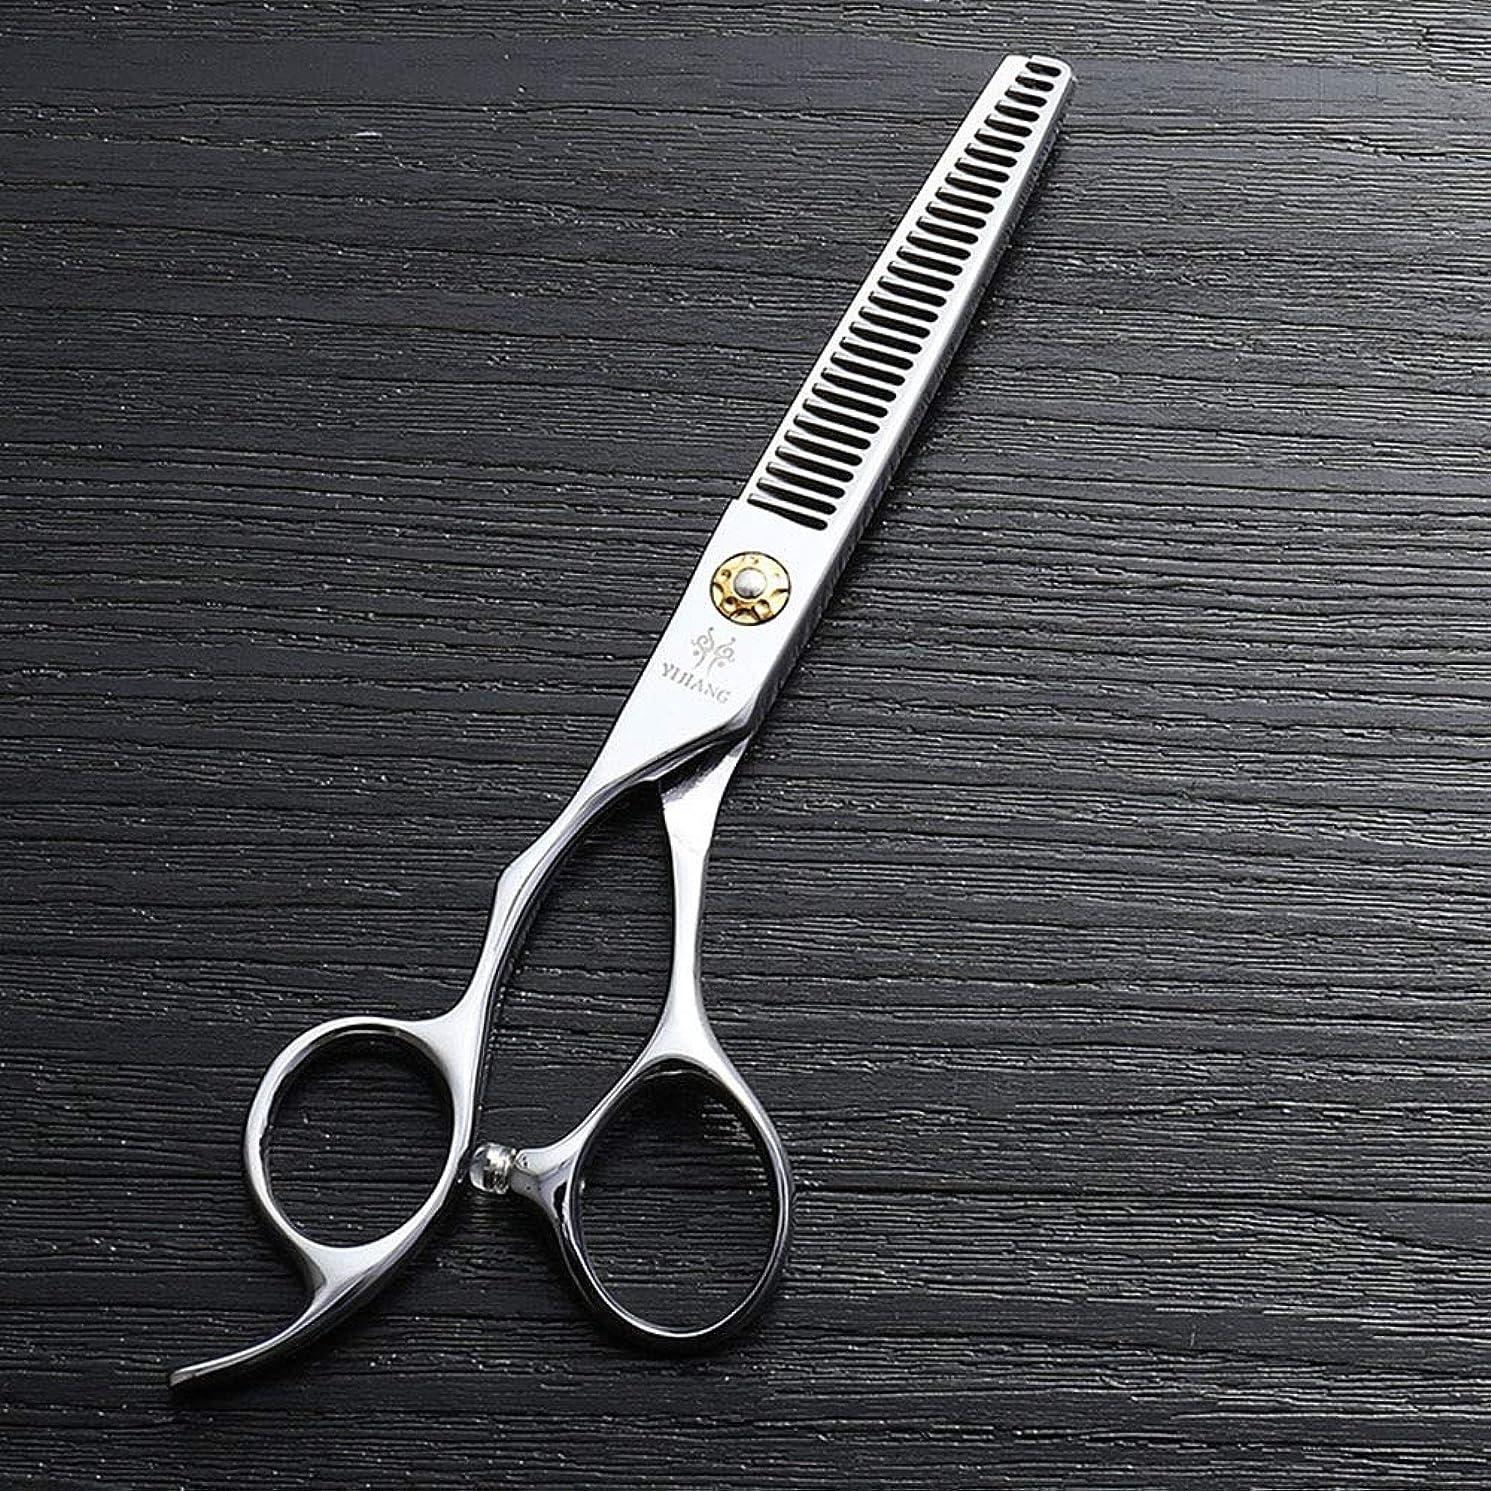 着服返還ビルマ理髪用はさみ 440Cステンレス鋼理髪ツール、6インチ美容院プロのヘアカットハイエンド左手歯はさみヘアカット鋏ステンレス理髪はさみ (色 : Silver)